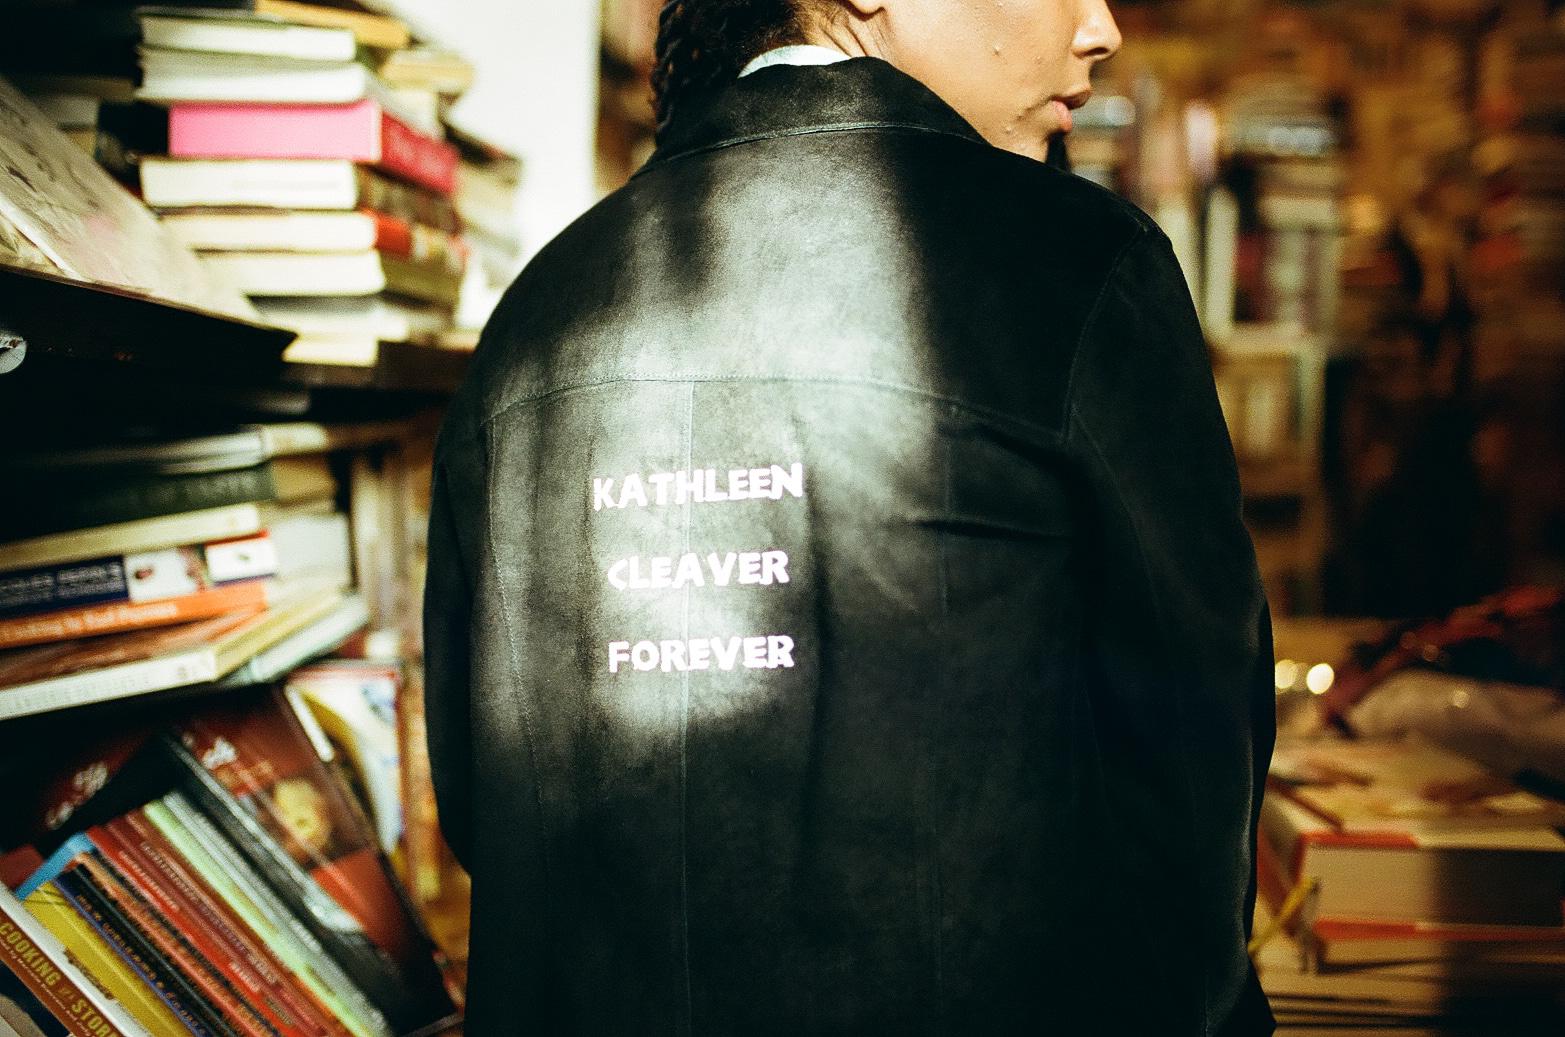 Kathleen Cleaver Forever - Suede Jacket